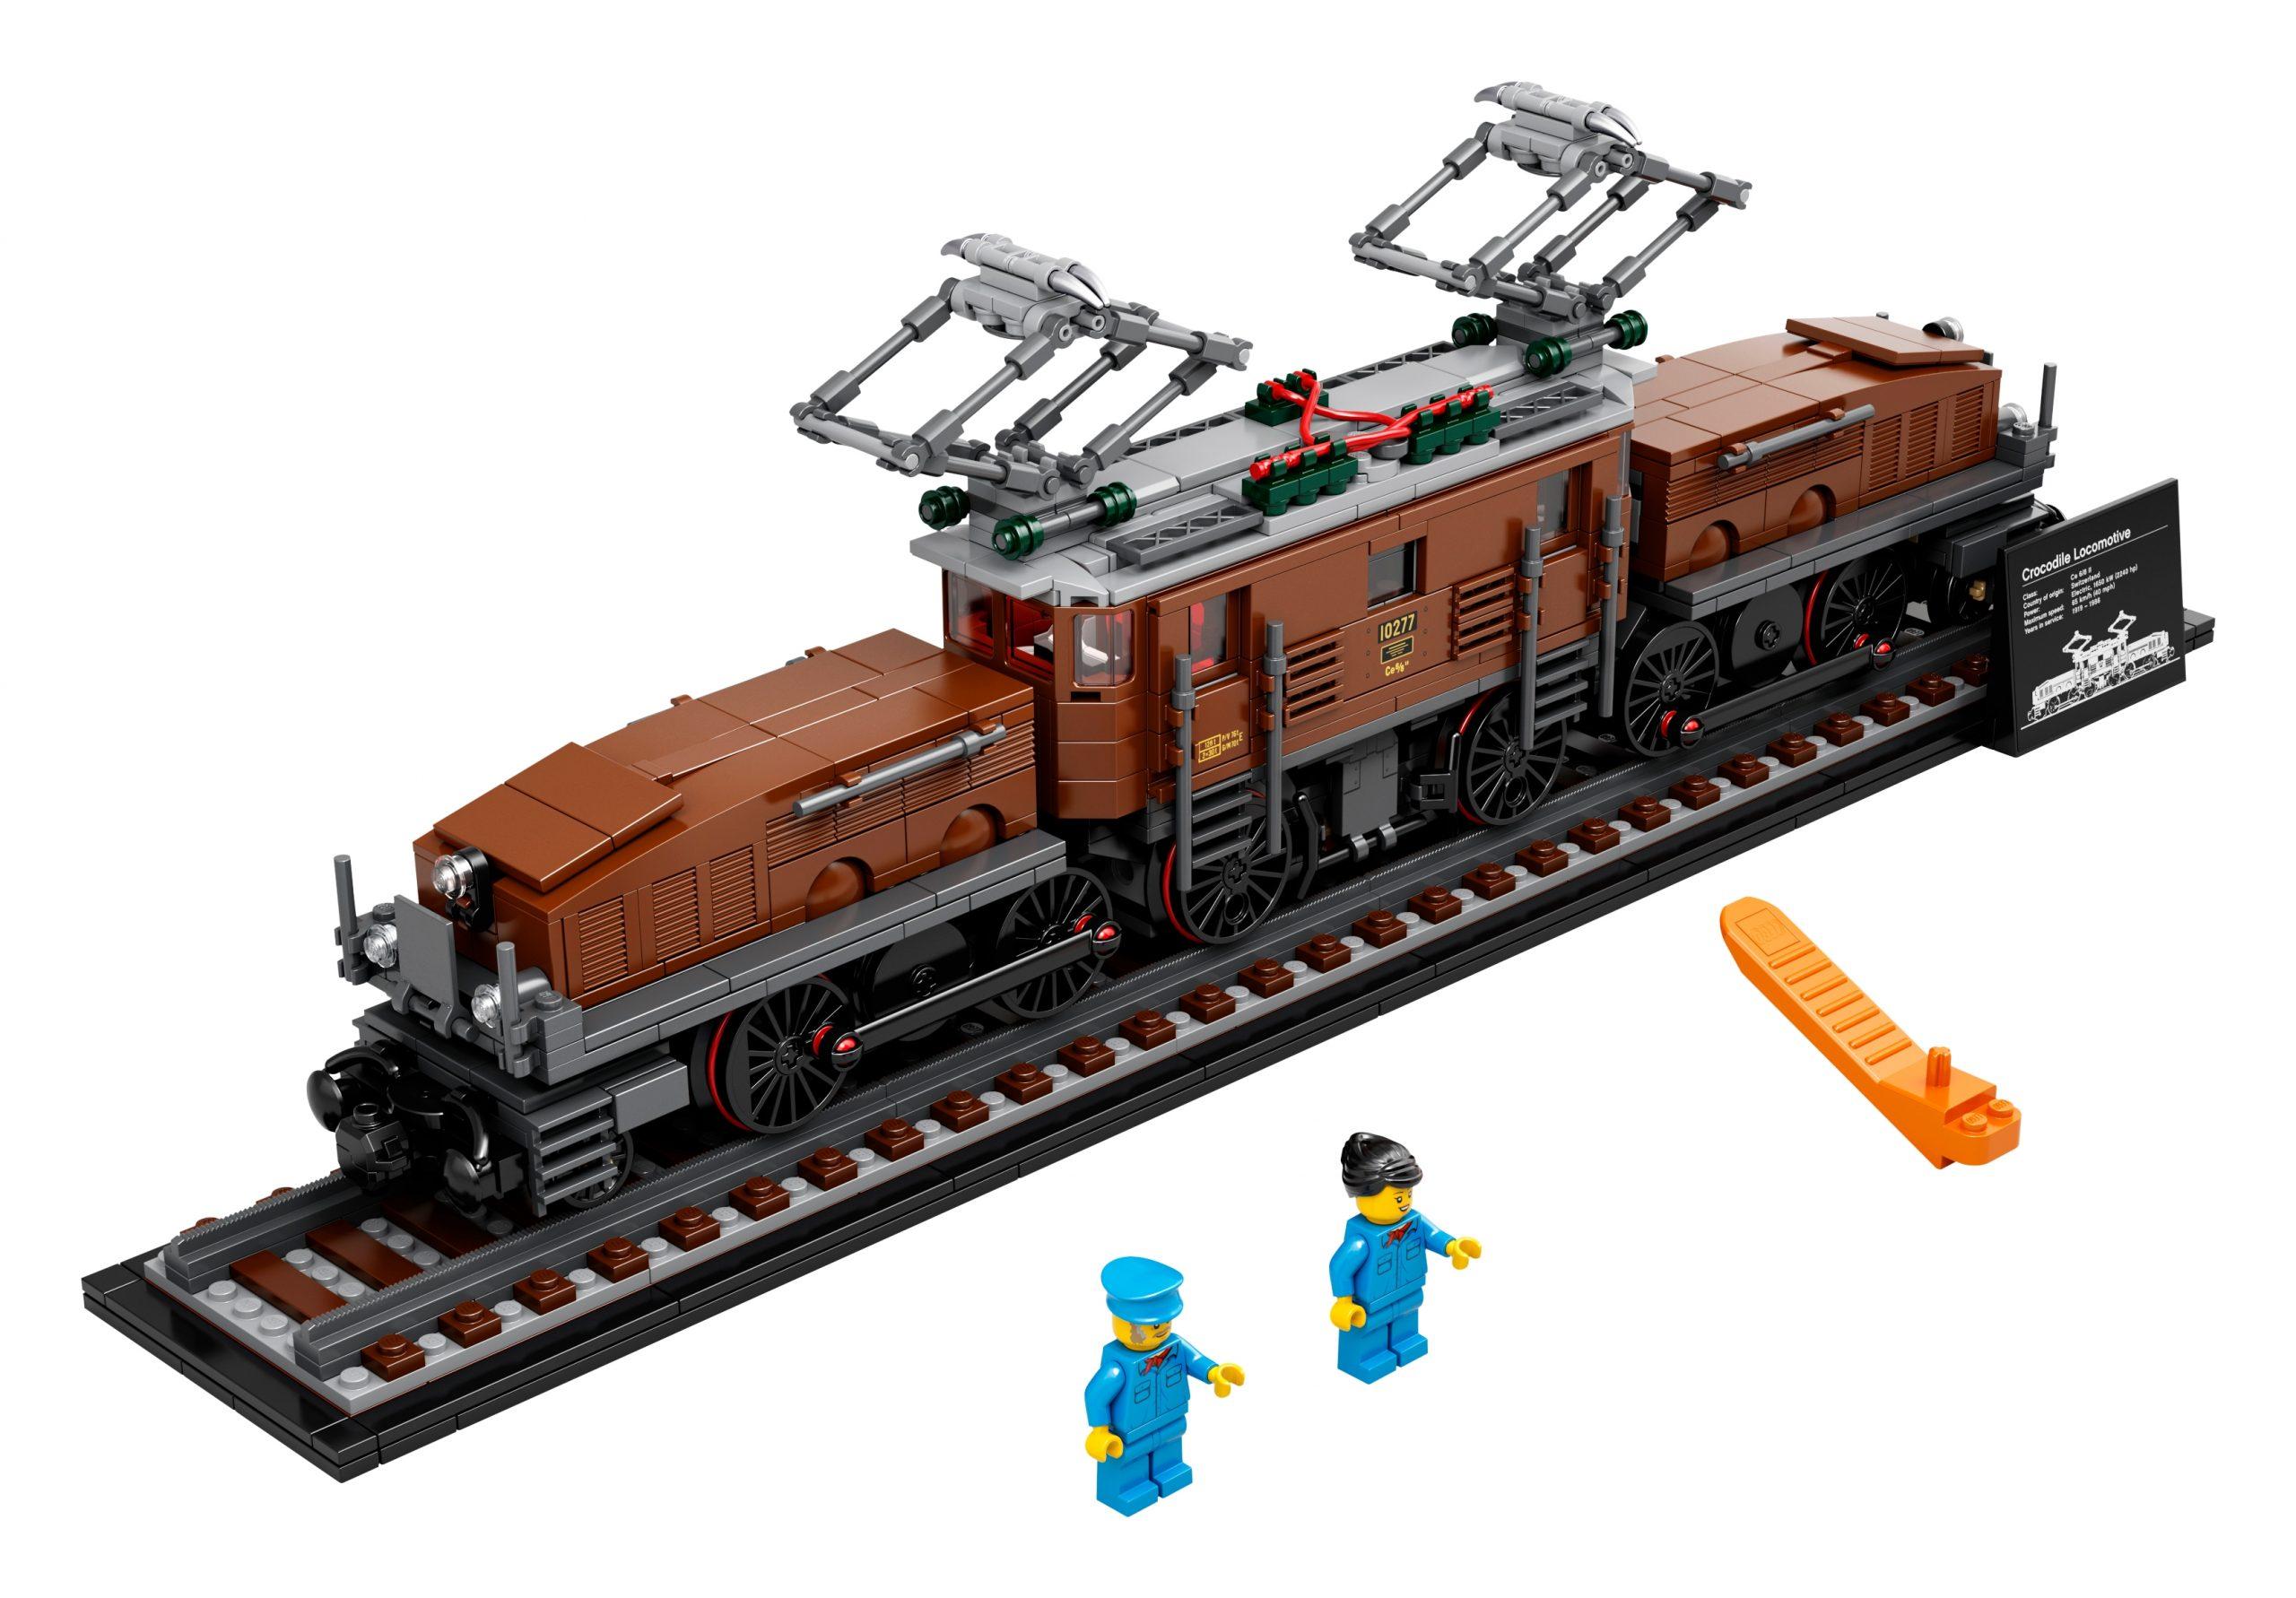 lego krokodil locomotief 10277 scaled